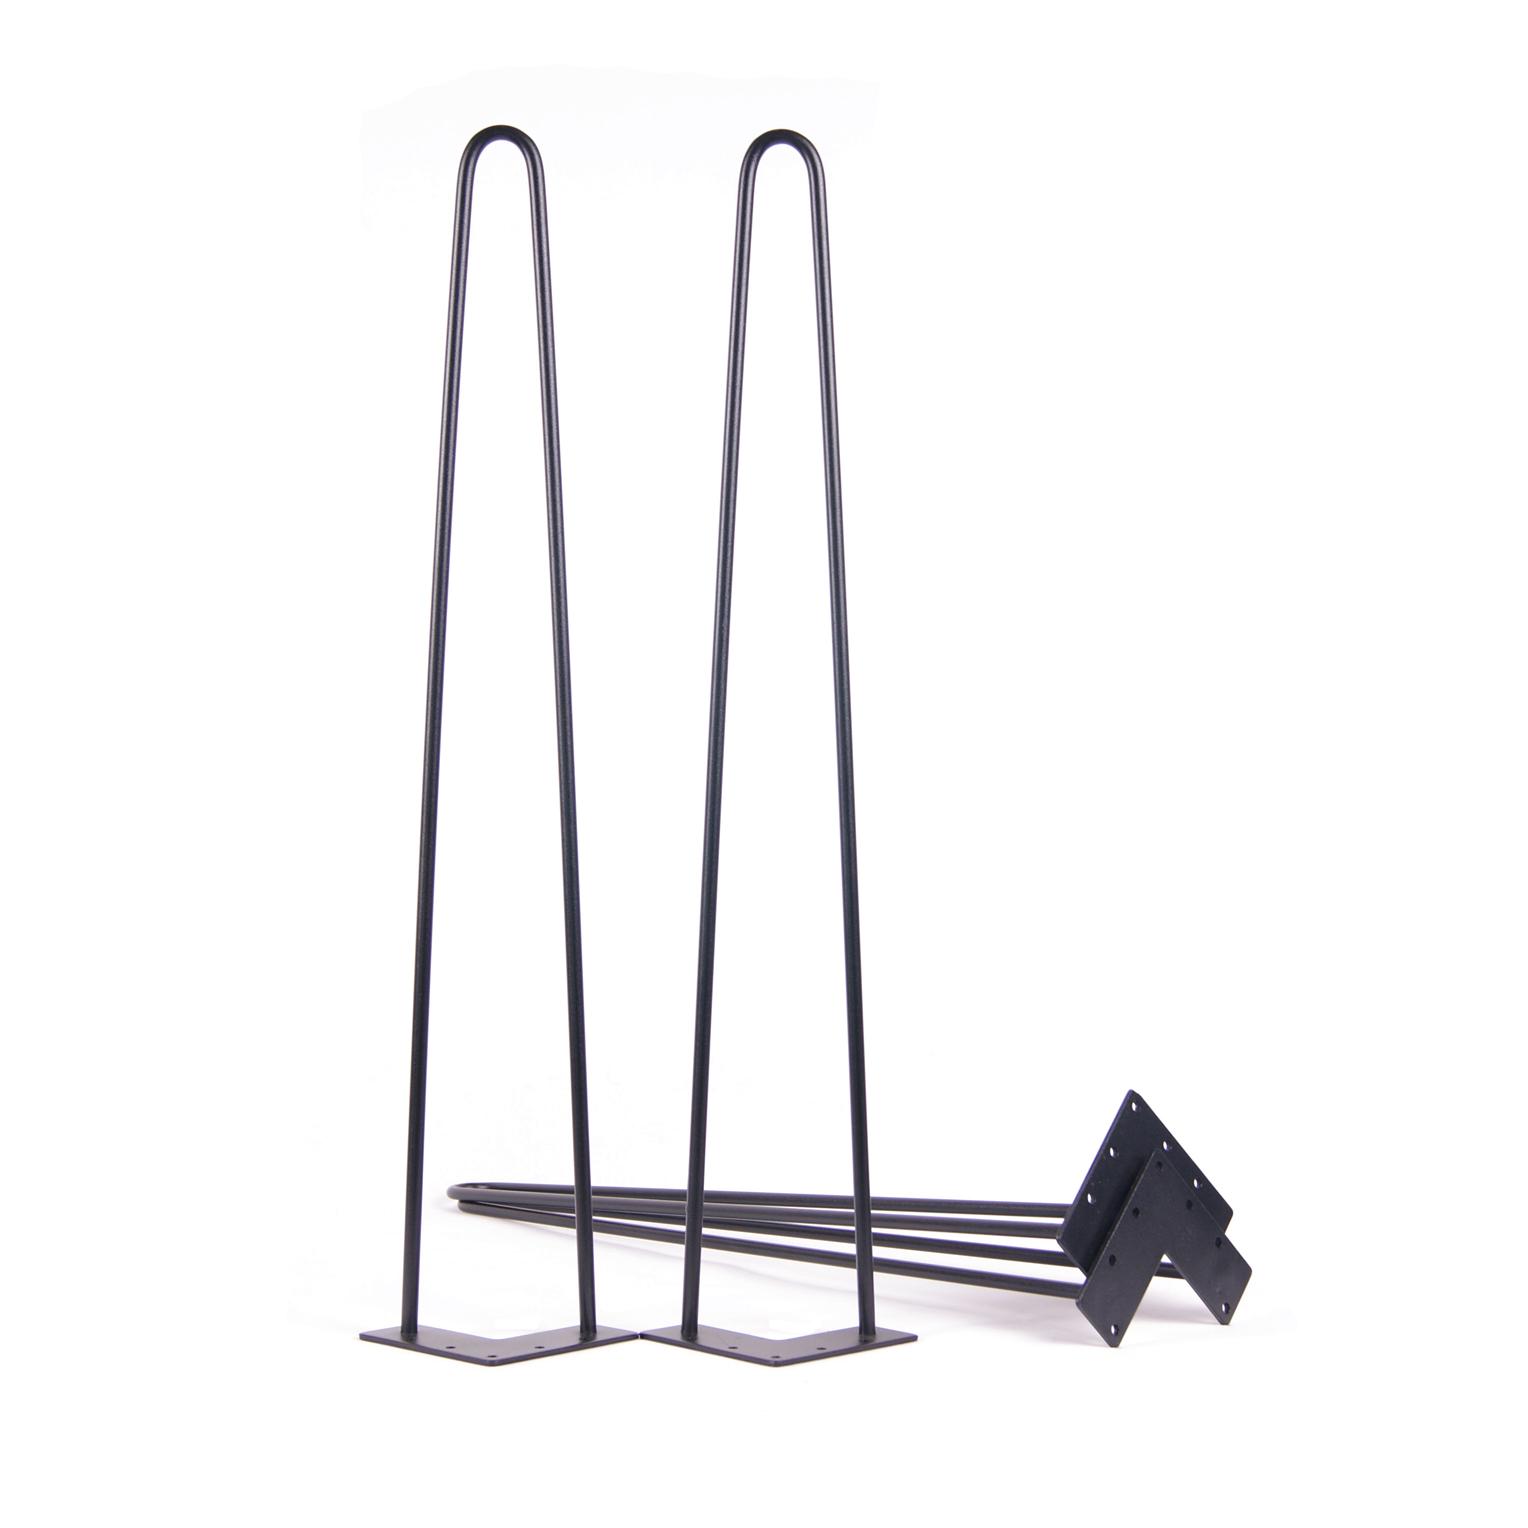 2 Rod Hairpin Legs Table legs